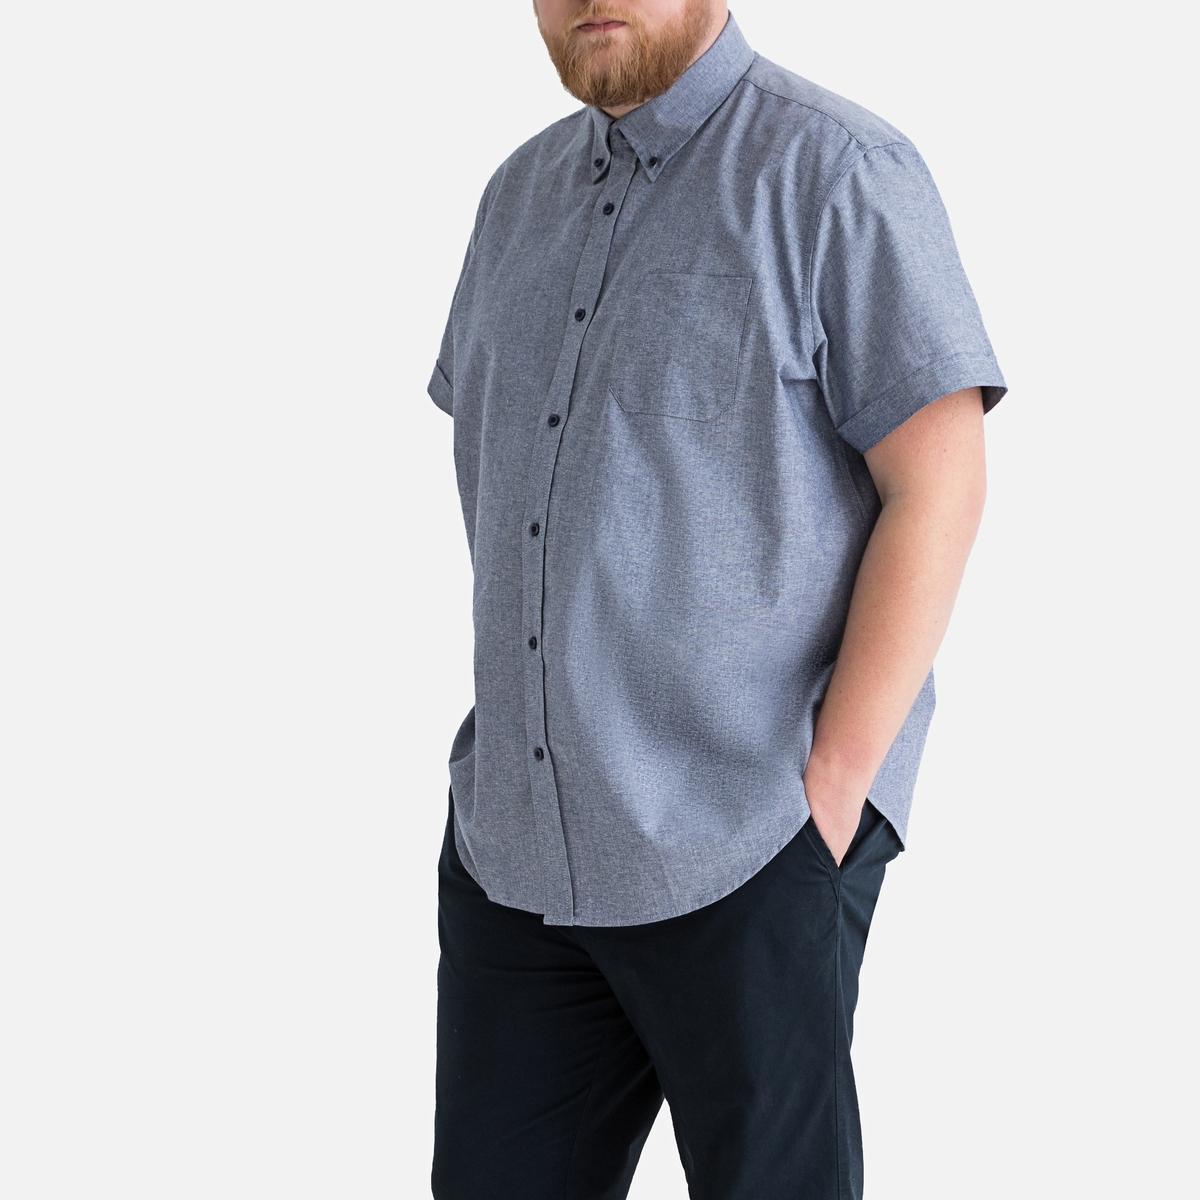 Camisa direita, tamanho grande